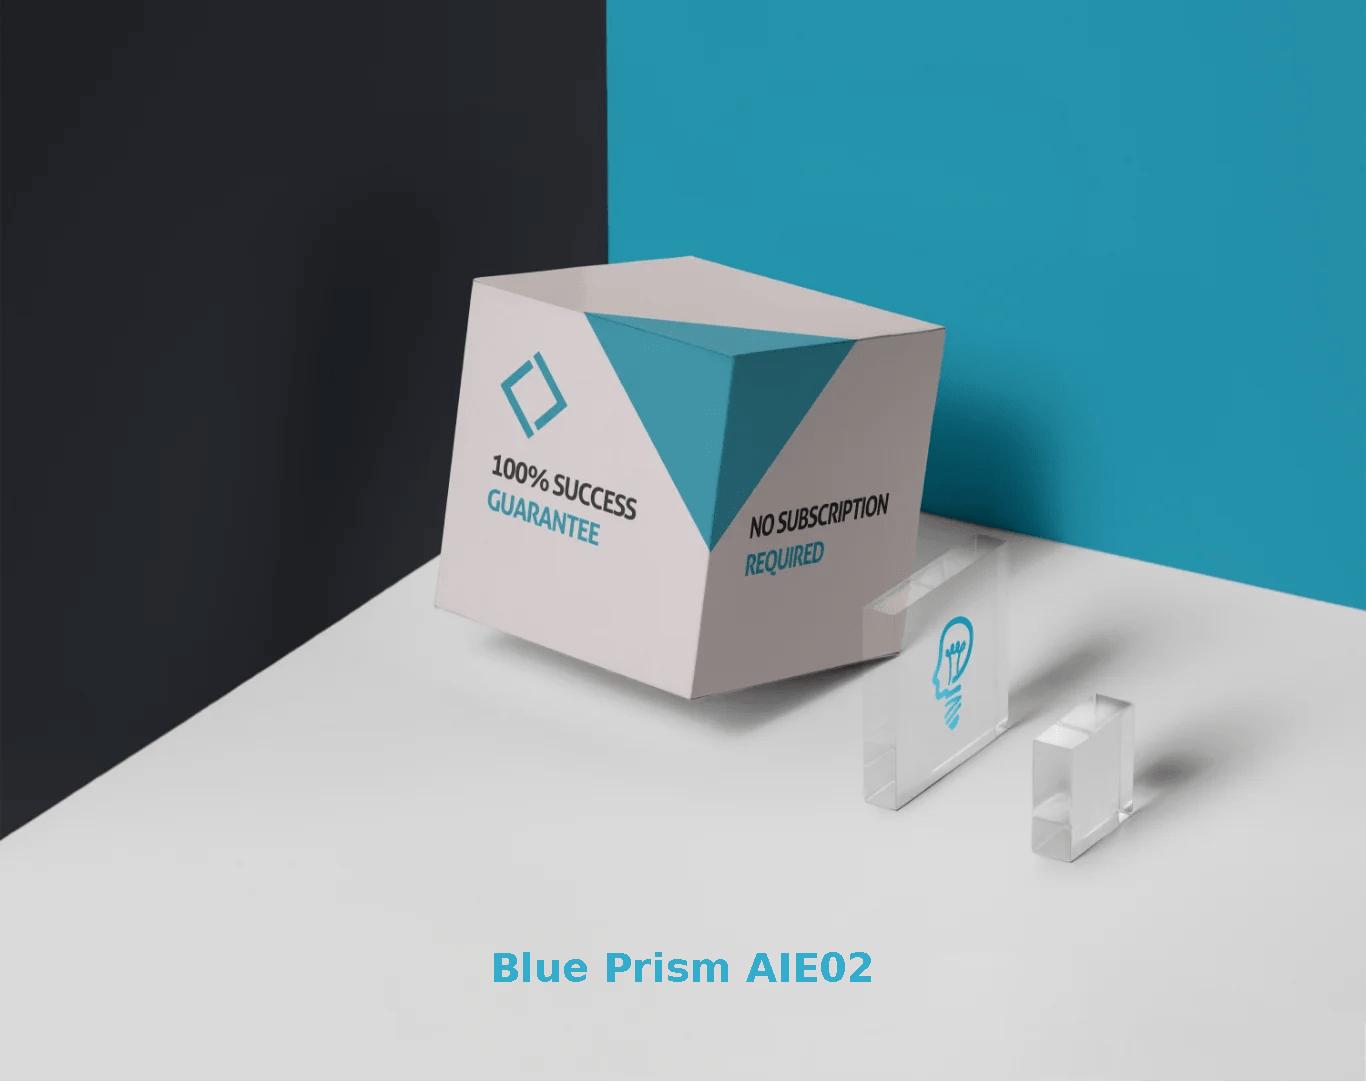 Blue Prism AIE02 Exams